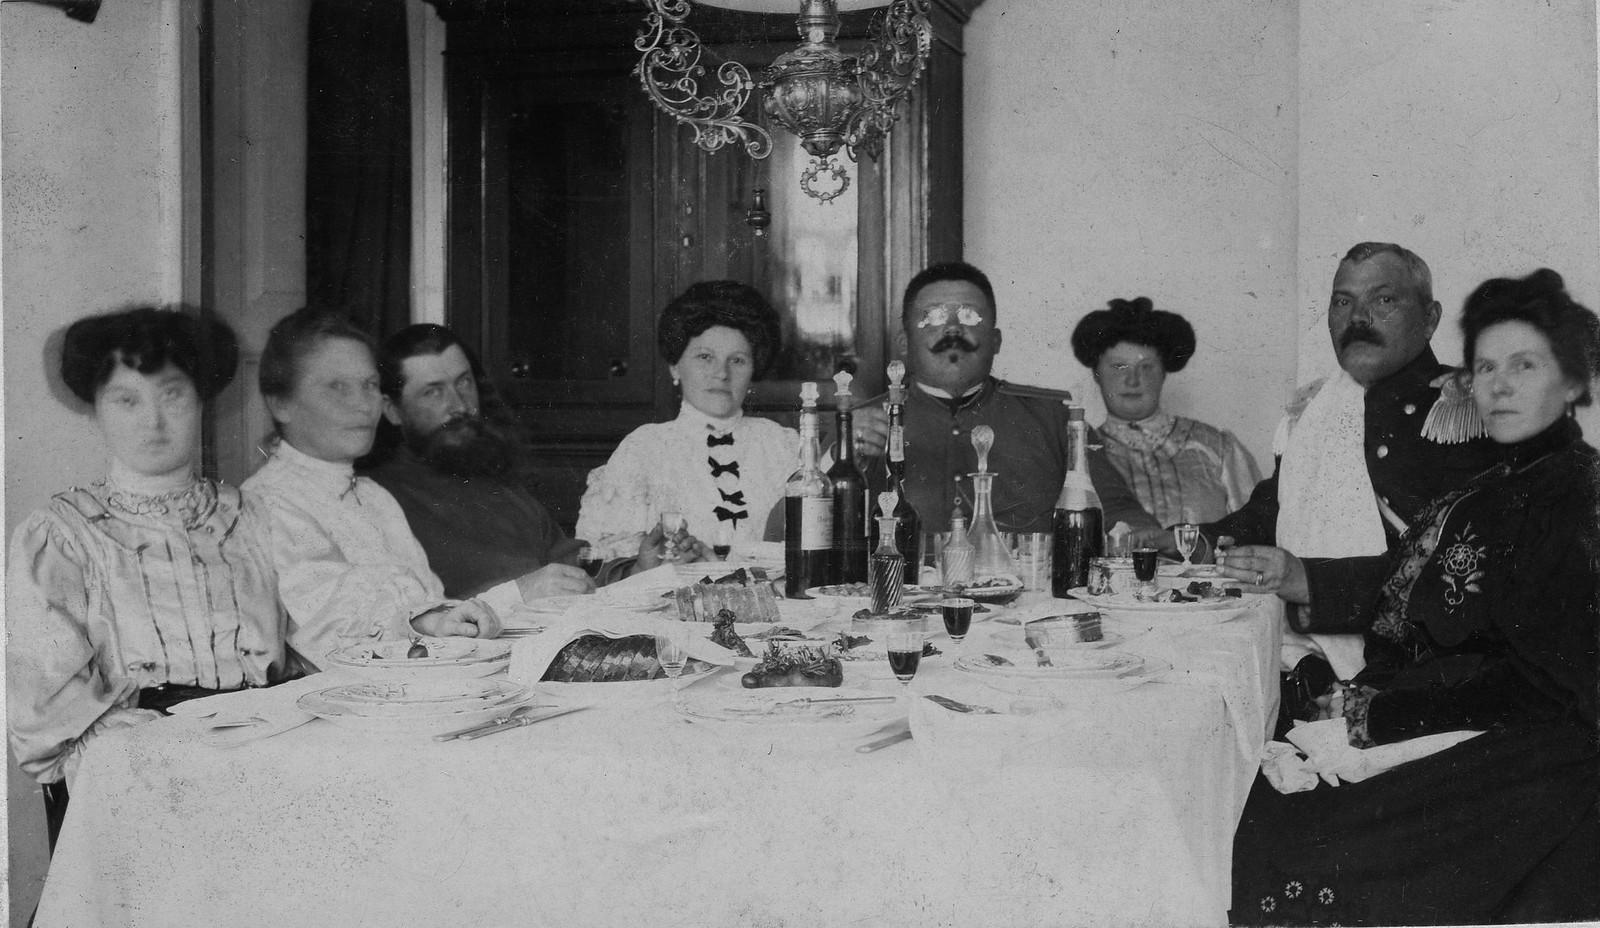 Брандмайор А.Ф. Домишкевич, сидящий в форменной одежде за накрытым праздничным столом